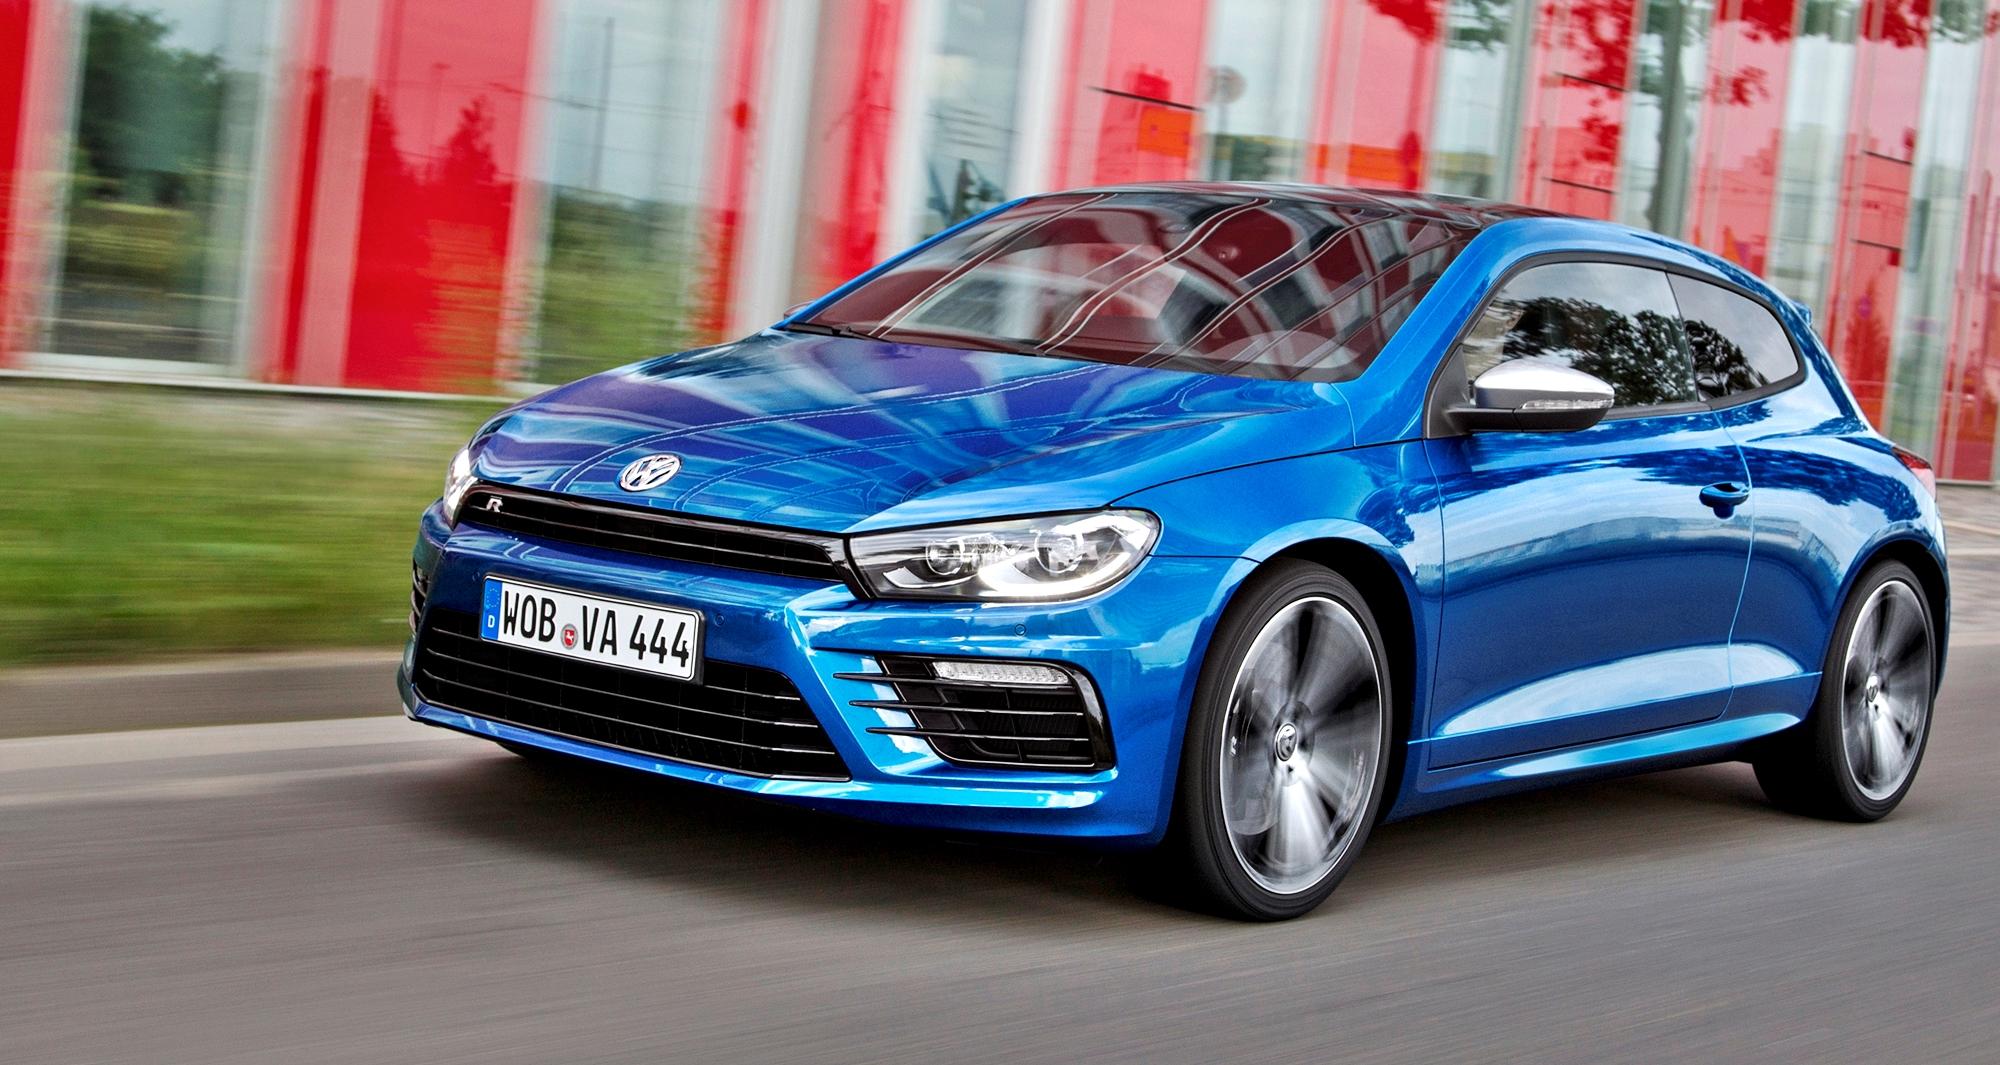 2014 Volkswagen Scirocco R First Drive - Autoblog